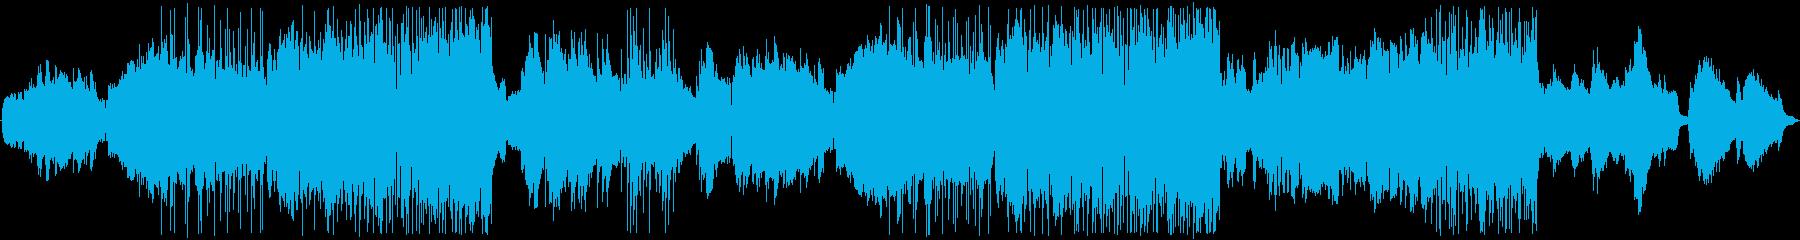 ヴァイオリンとピアノ旋律の美しいバラードの再生済みの波形